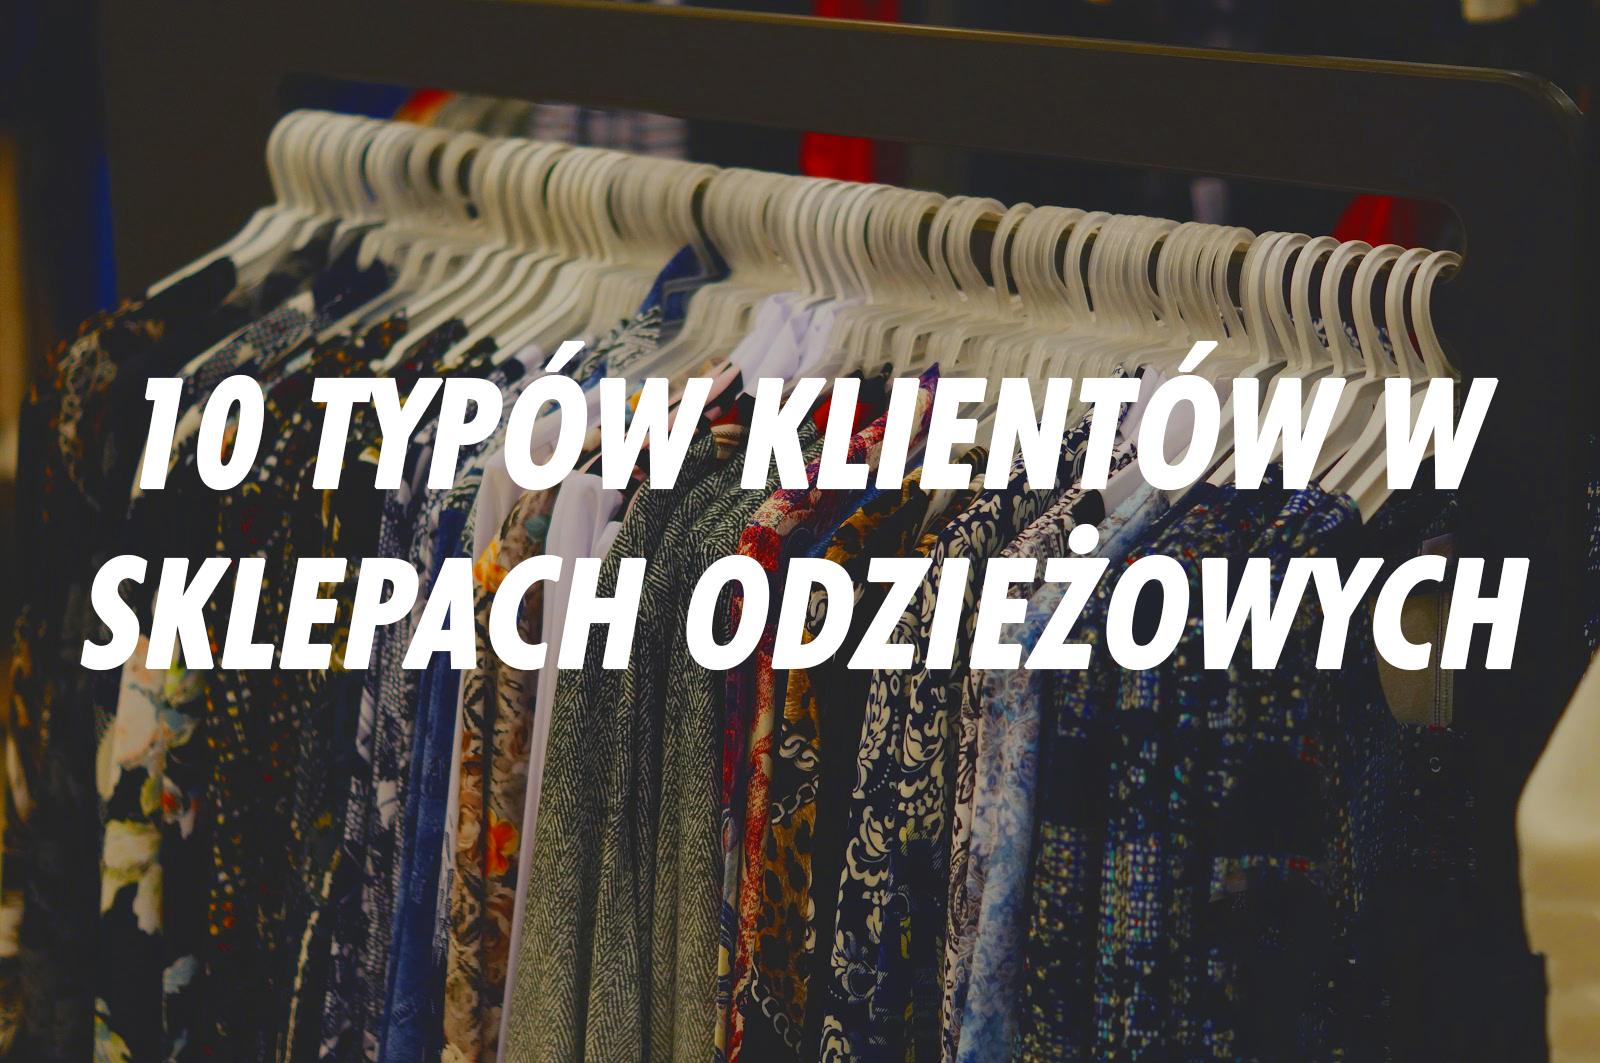 10 typów klientów w sklepach odzieżowych